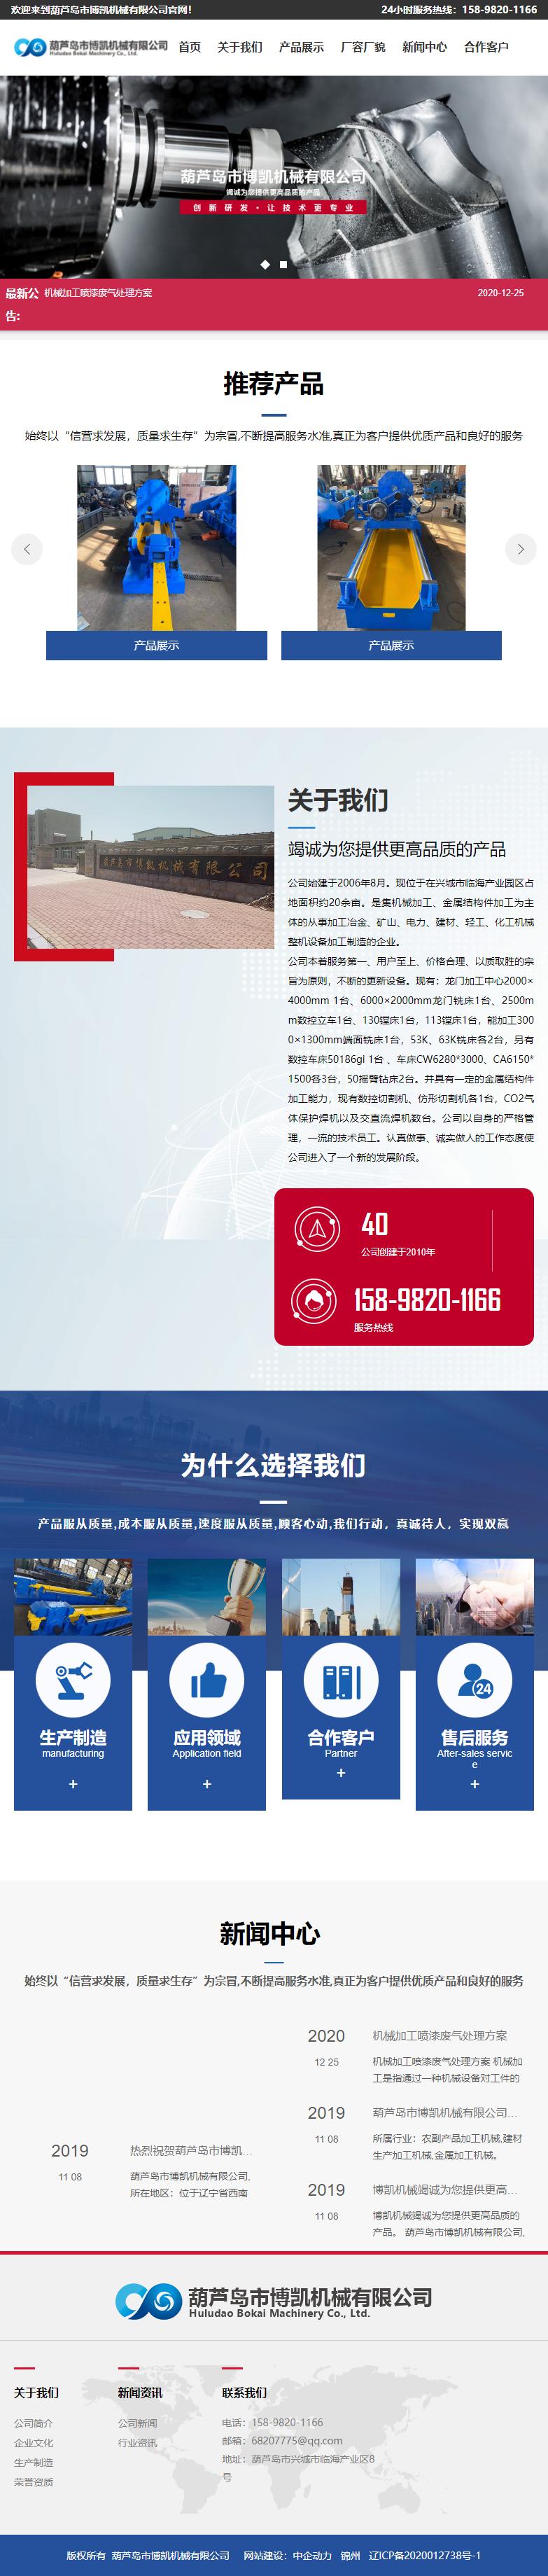 葫芦岛市博凯机械有限公司网站案例